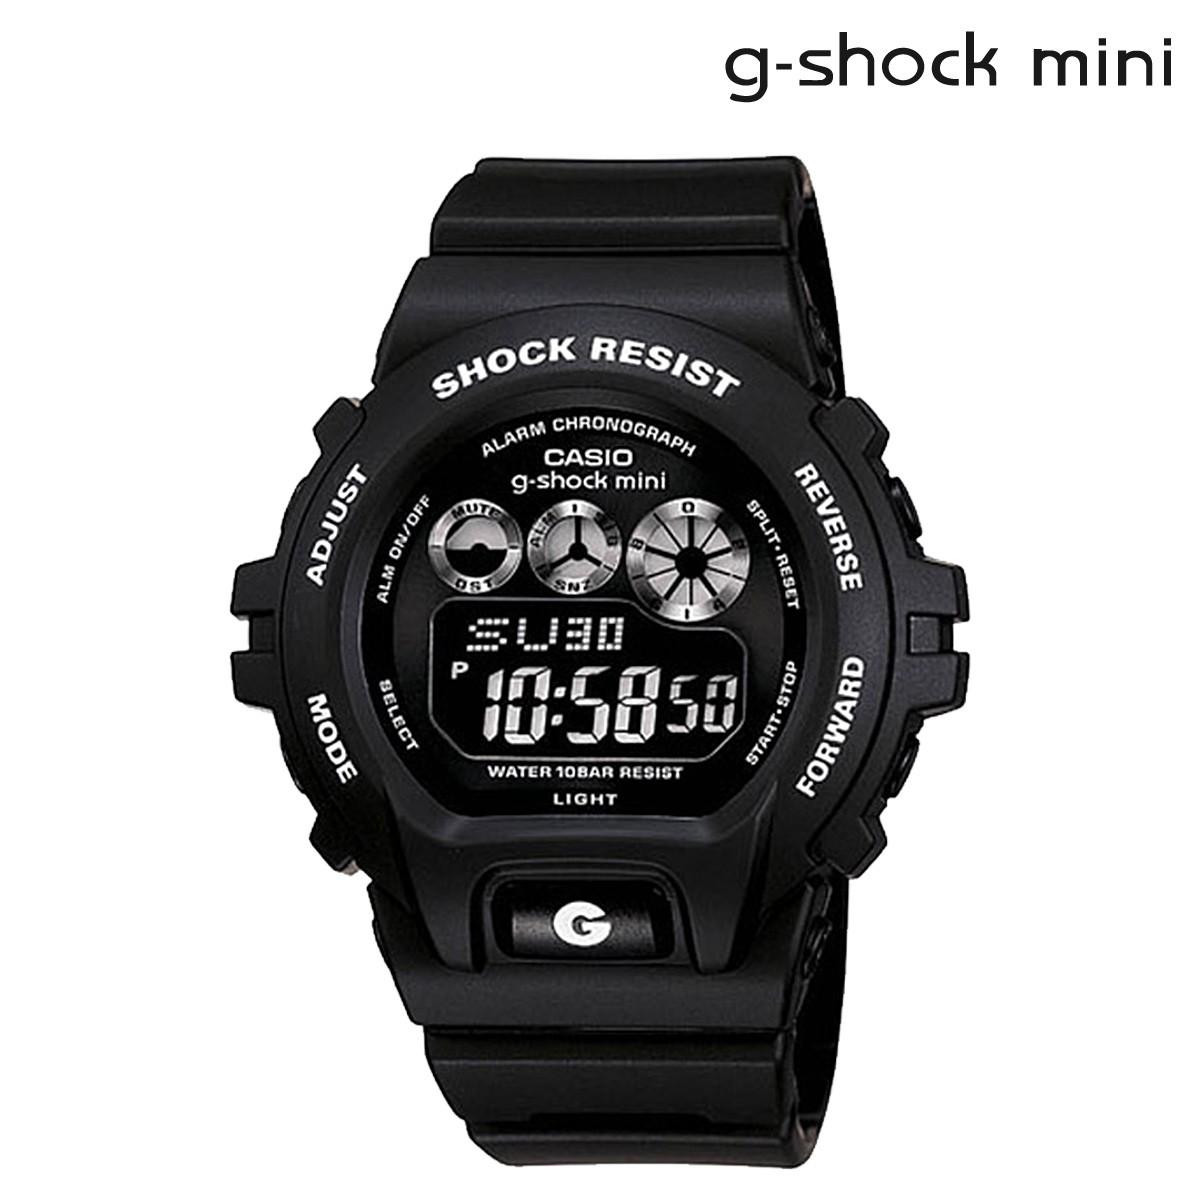 カシオ CASIO g-shock mini 腕時計 GMN-691-1AJF ジーショック ミニ Gショック G-ショック レディース [3/15 追加入荷]